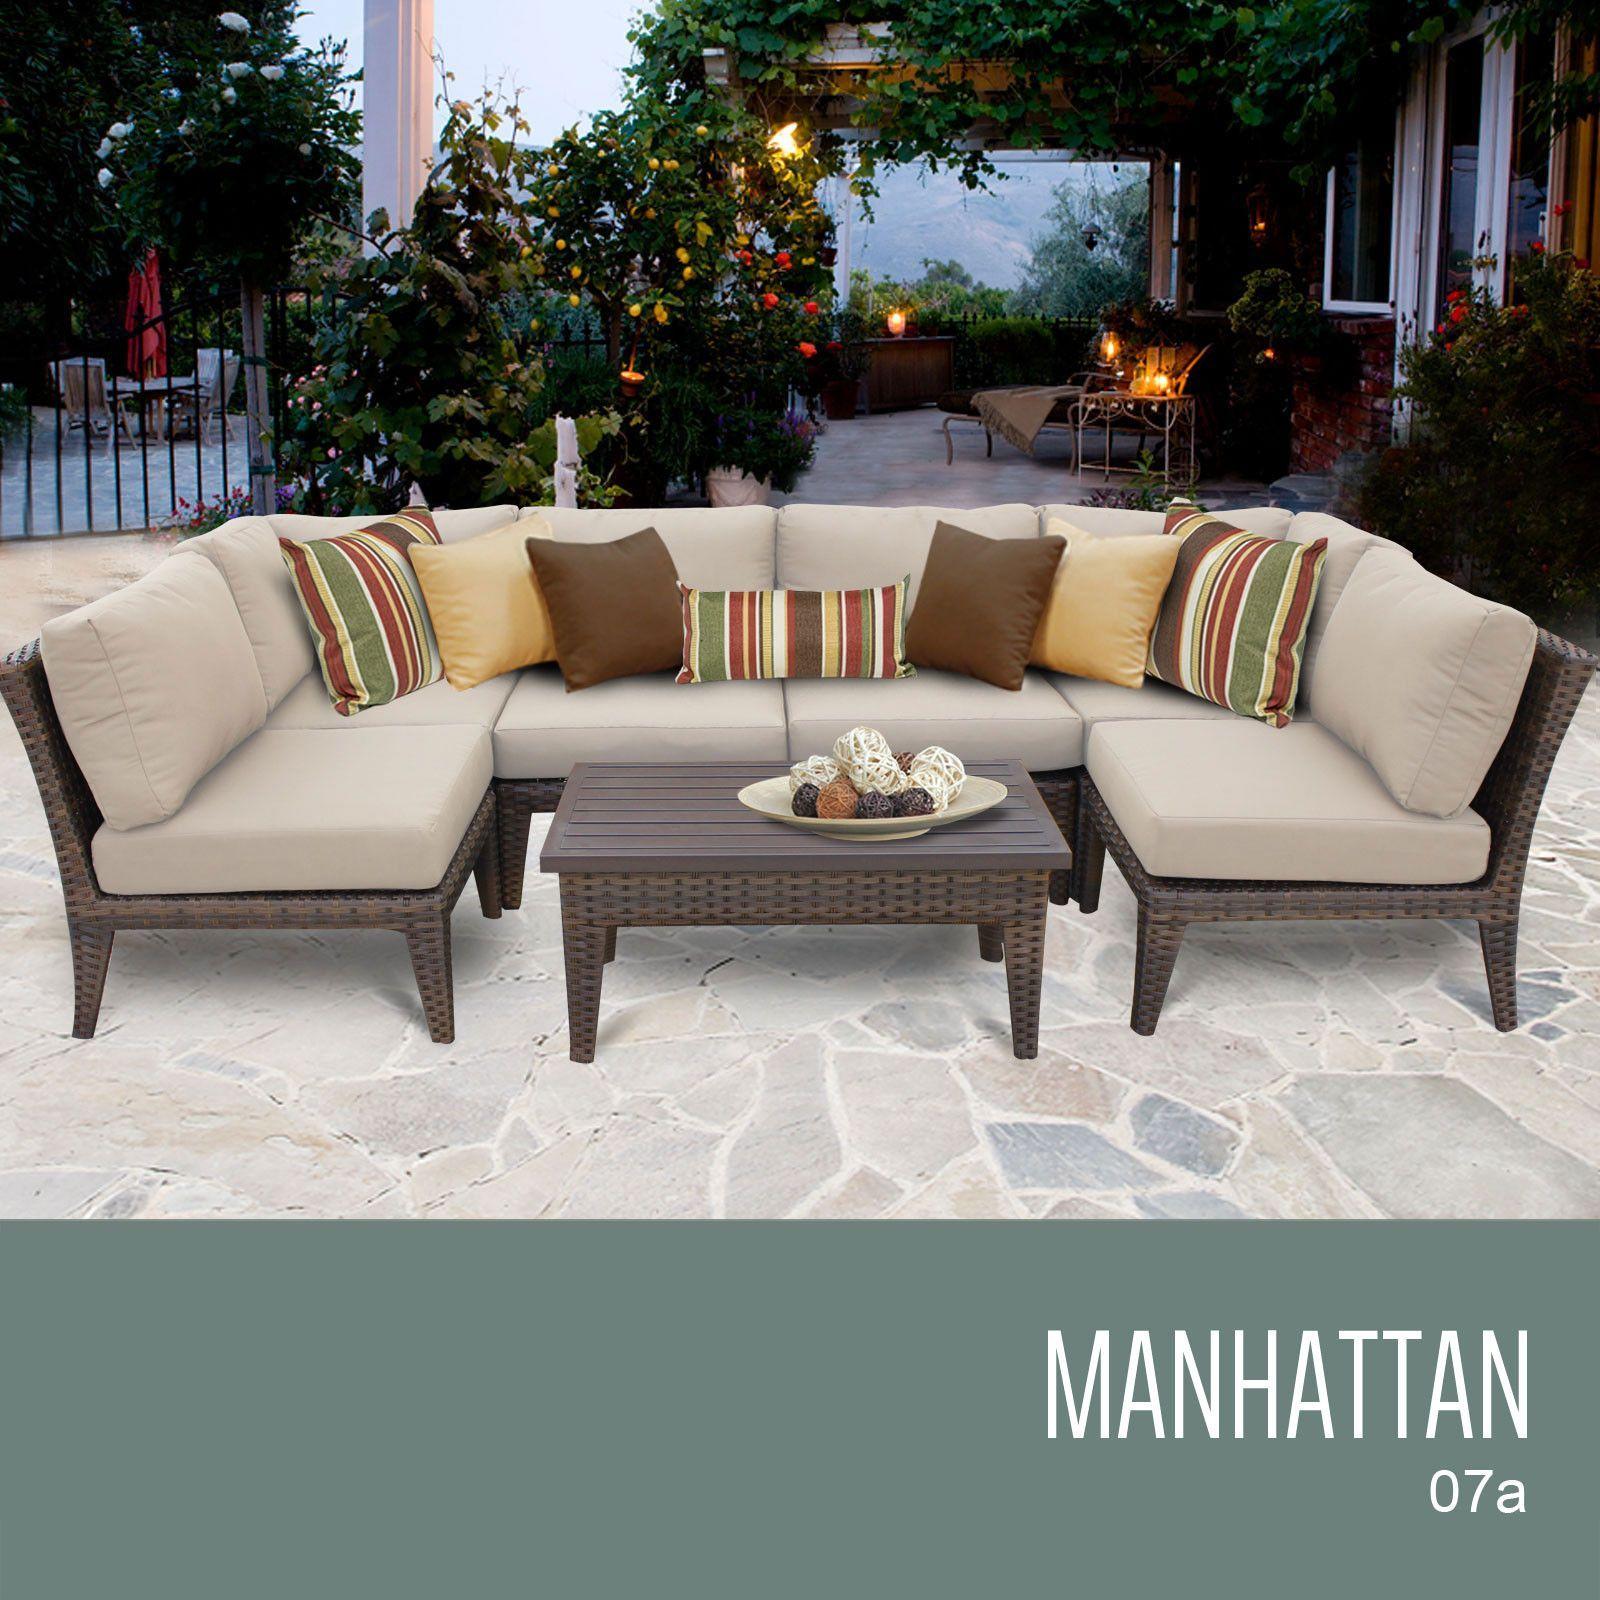 Tkc Manhattan 7 Piece Outdoor Wicker Furniture Conversation Set 07a Beige Jardins